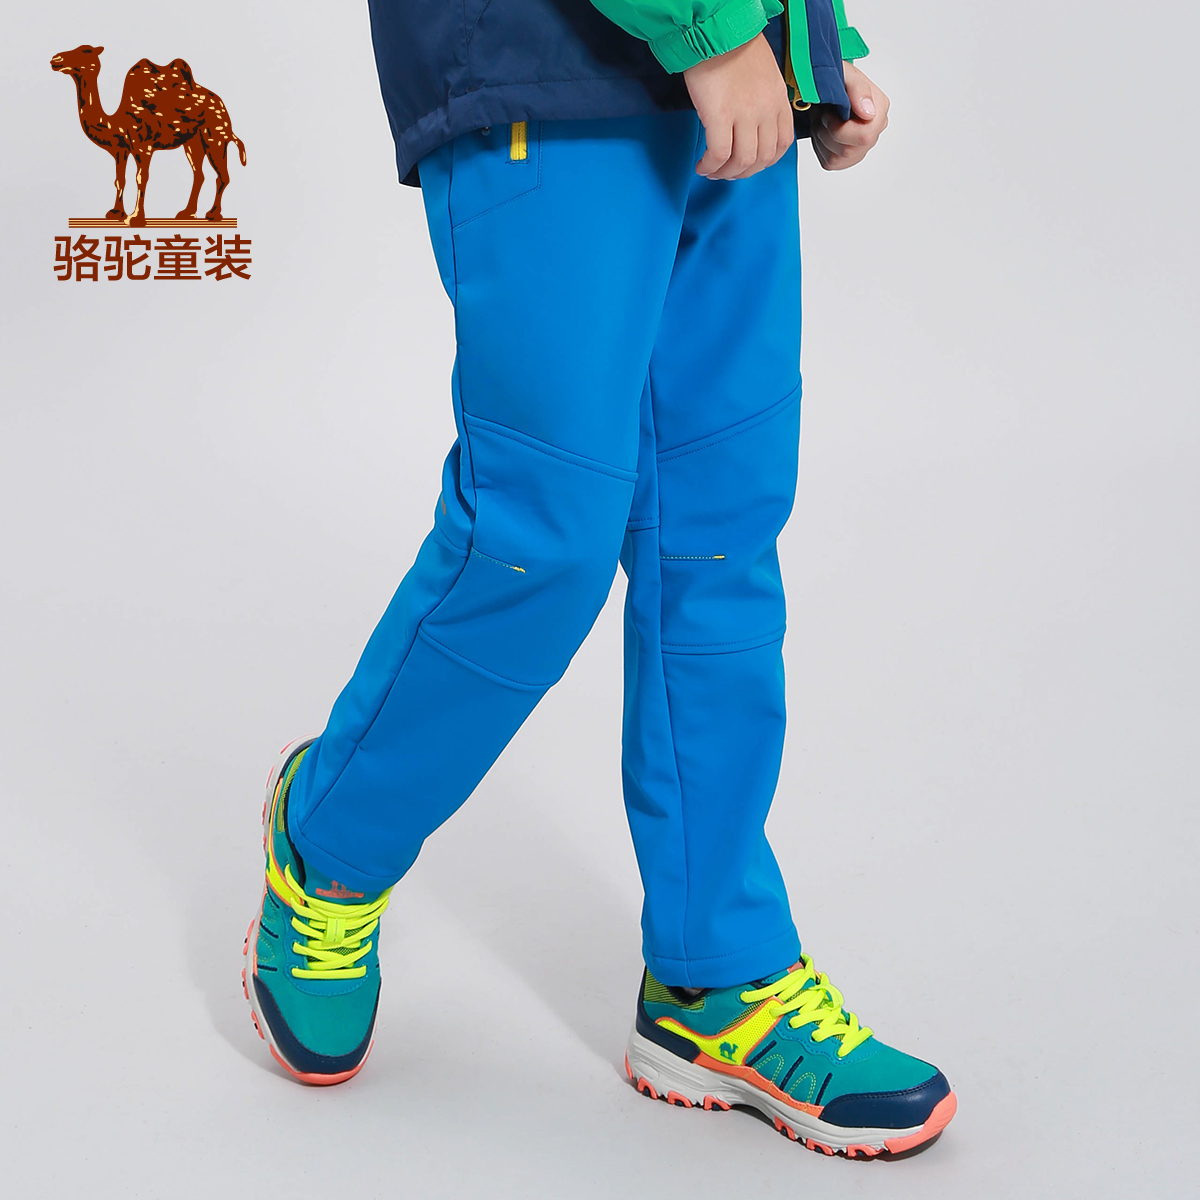 Небольшой верблюд ребятишки 2017 год осенью и зимой ребенок антистатический мягкая оболочка брюки на открытом воздухе только шаг для предотвращения ветровой насекомое восхождение брюки